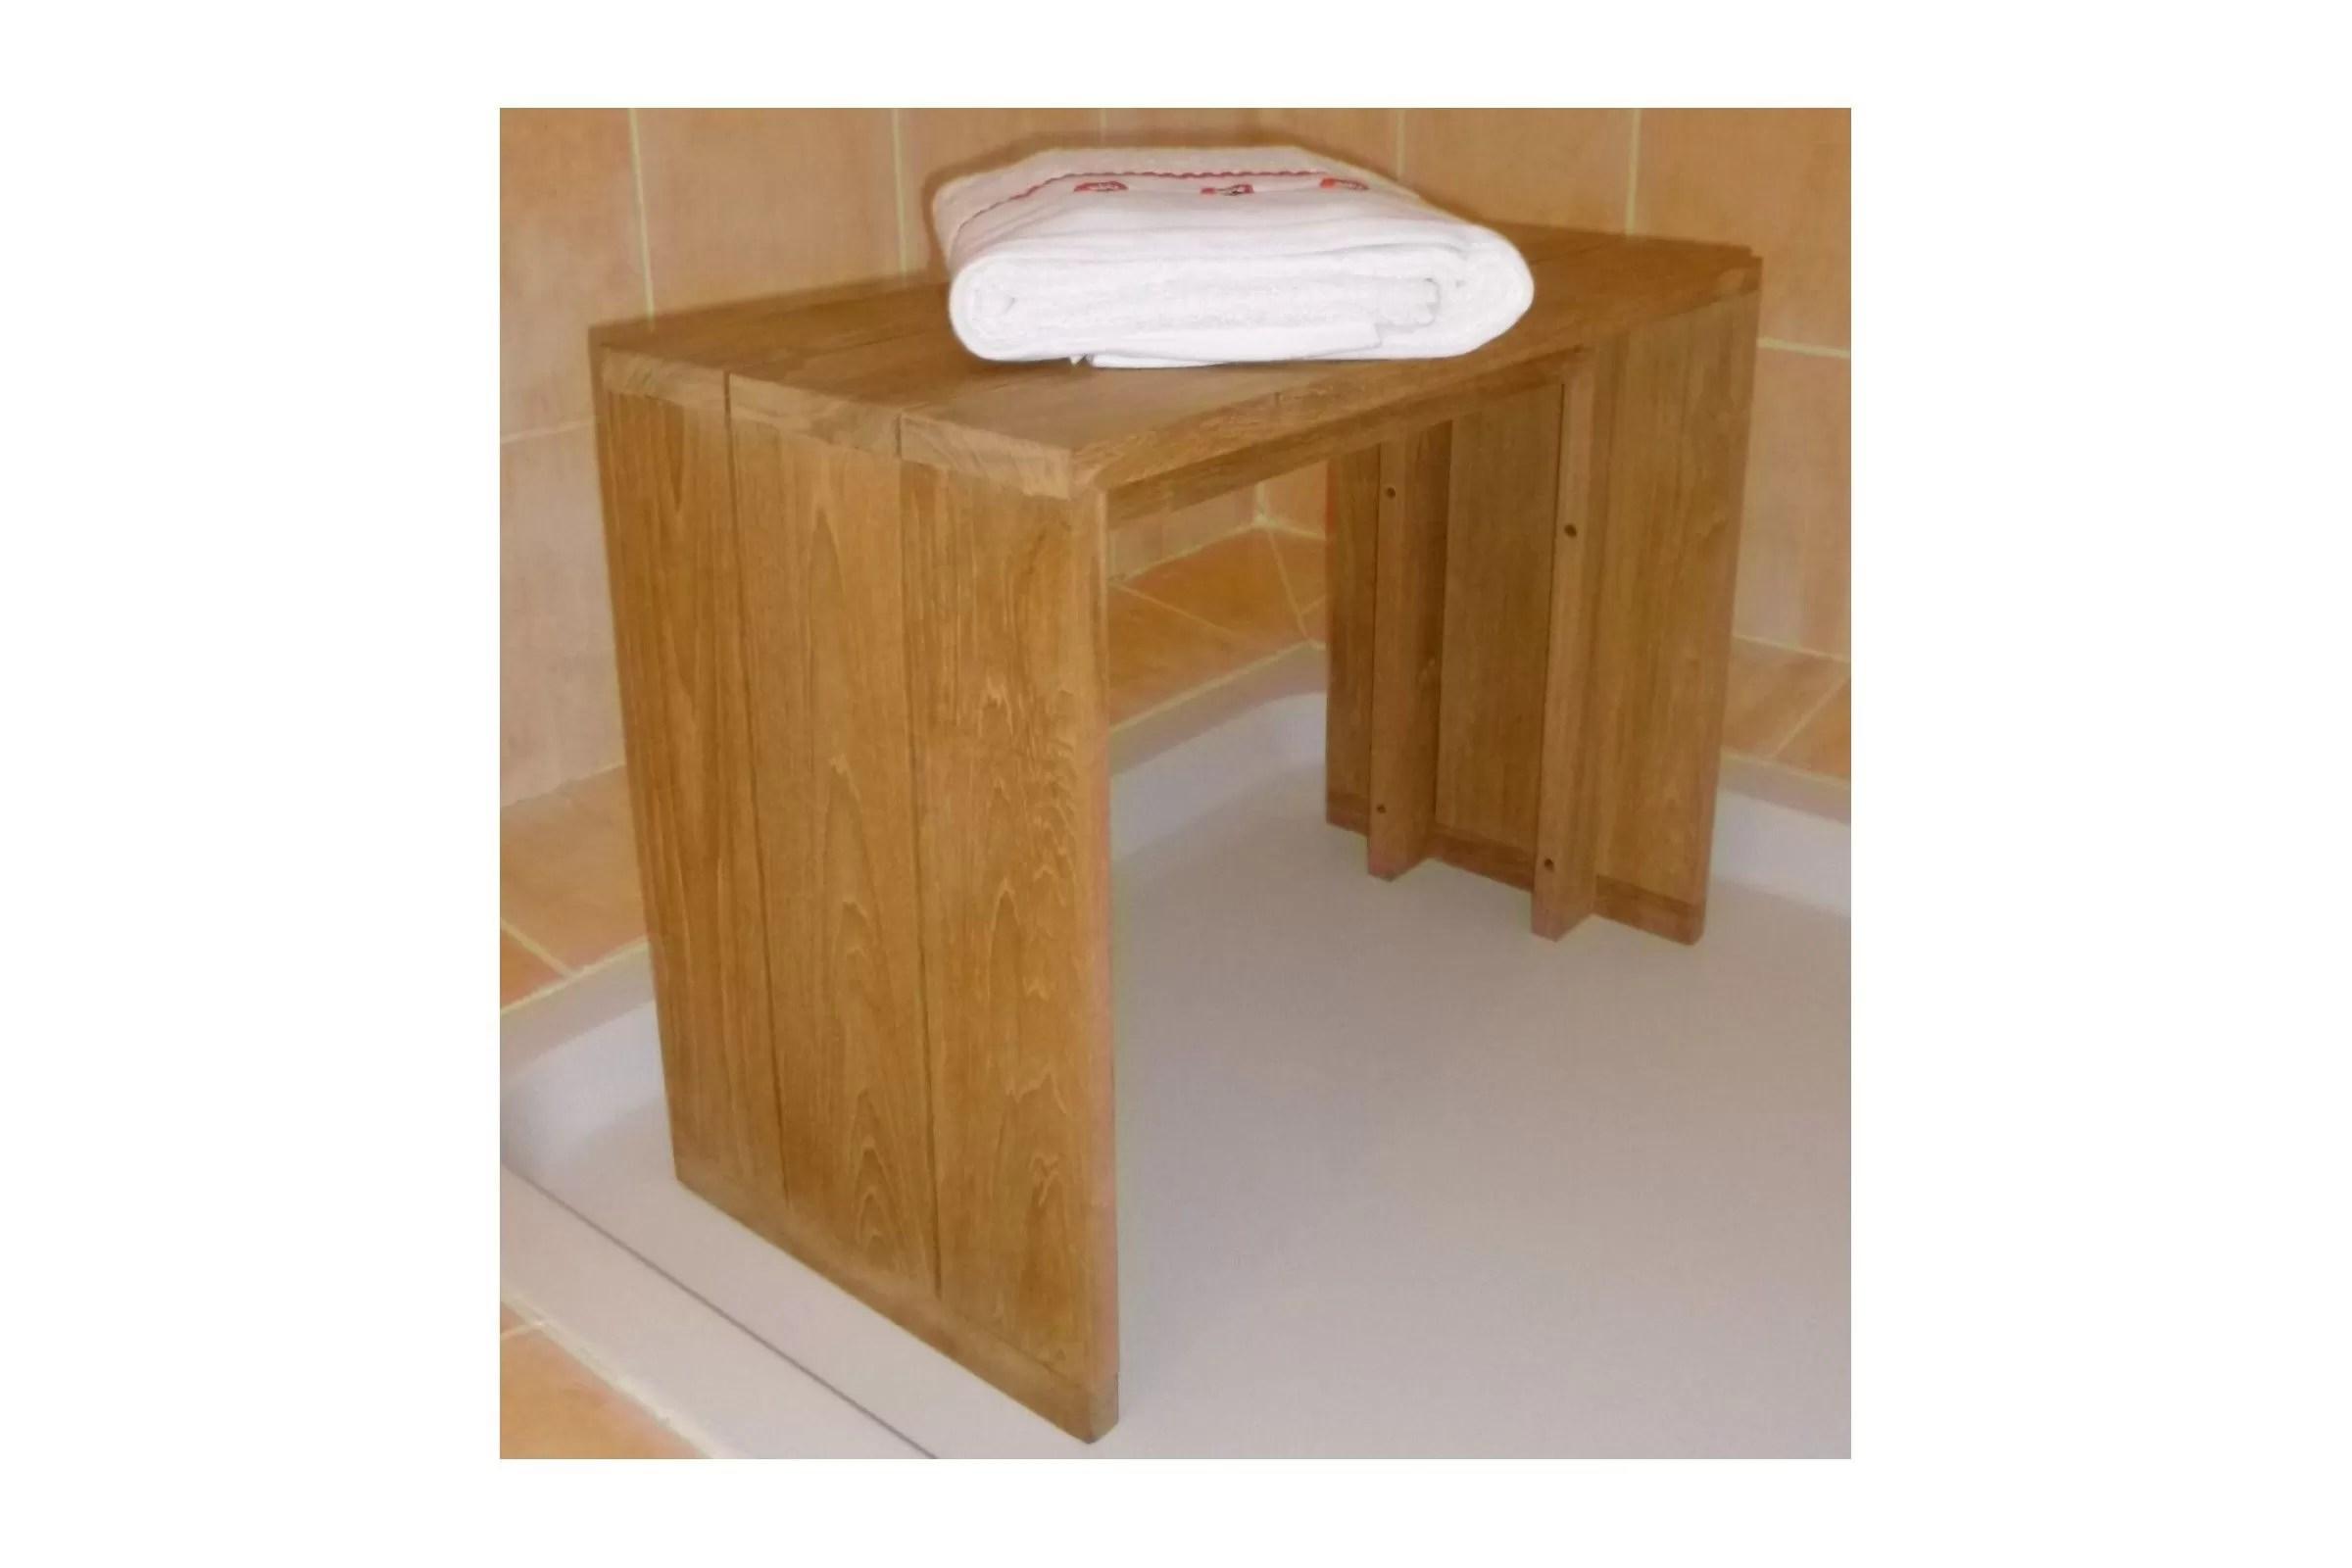 Petit banc salle de bain affordable spa lumineux et for Banc pour salle de bain